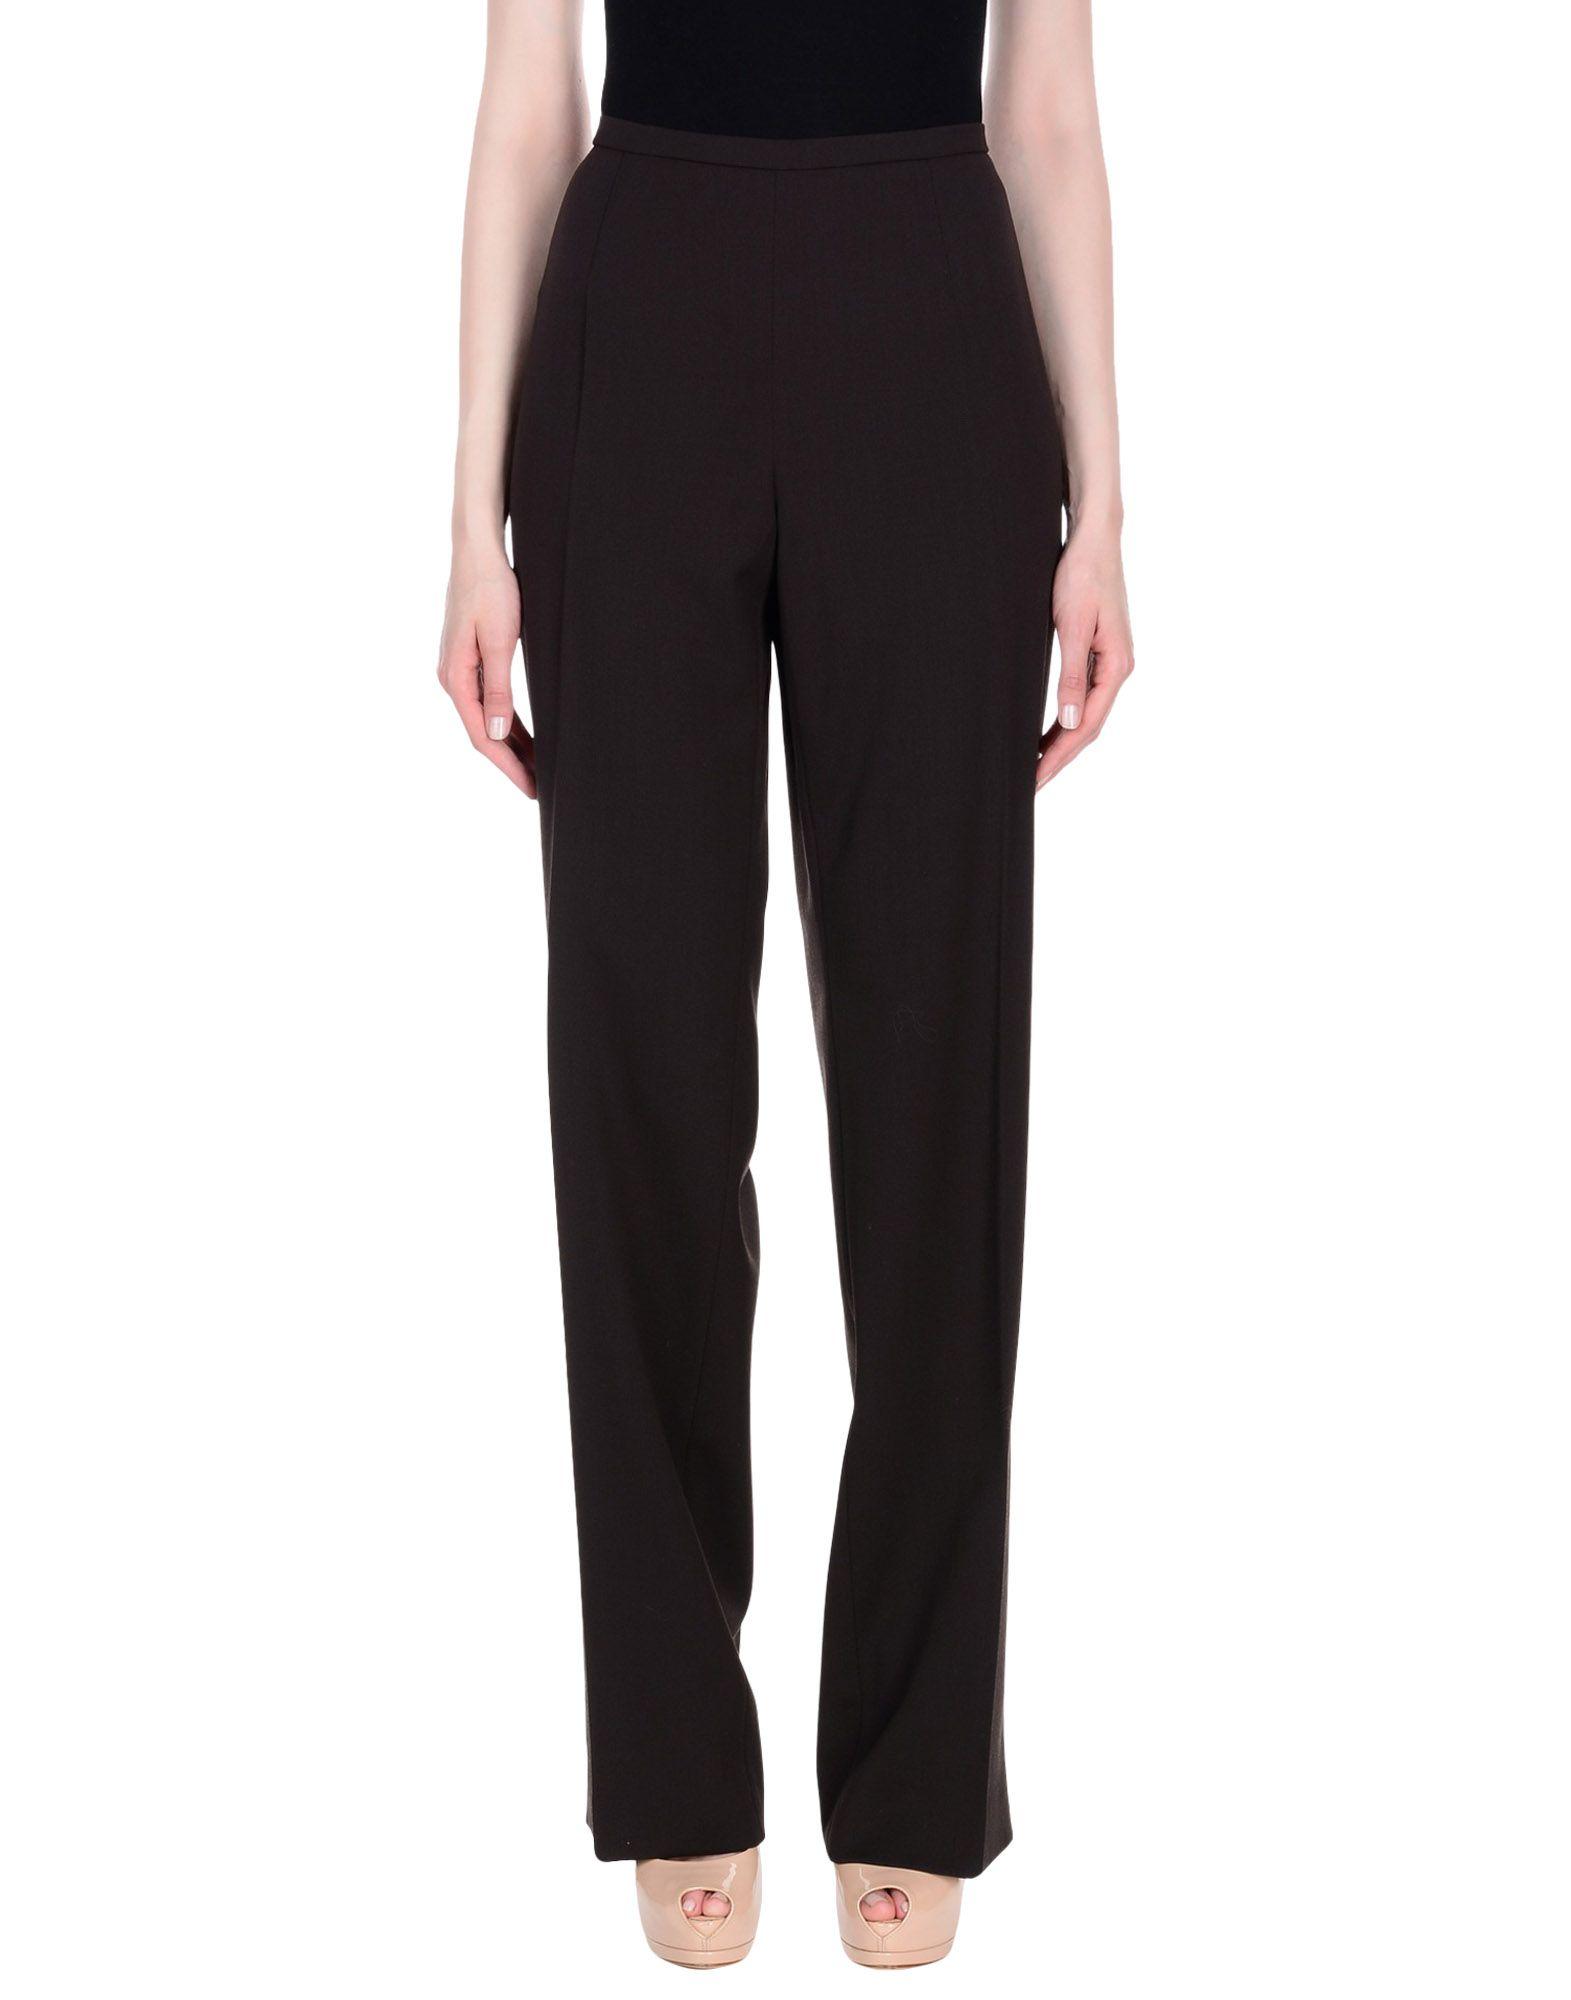 Pantalone Les Copains Donna - Acquista online su D6Jp23o7Fz